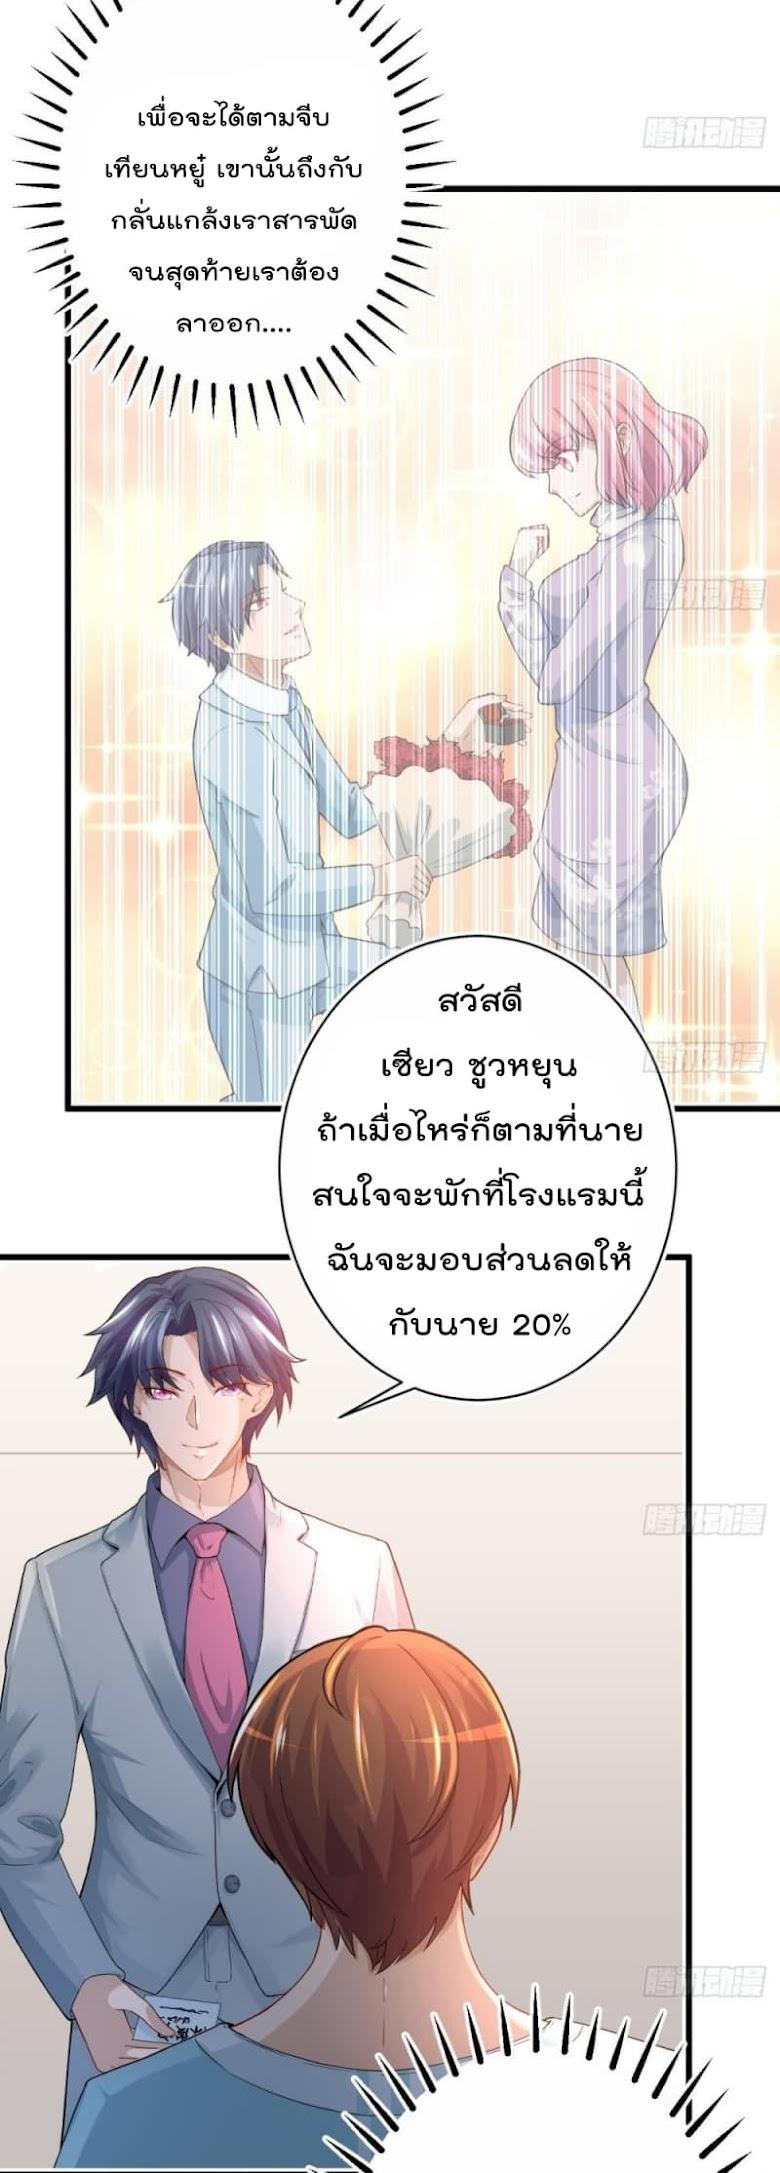 Master Cultivation Return - หน้า 11